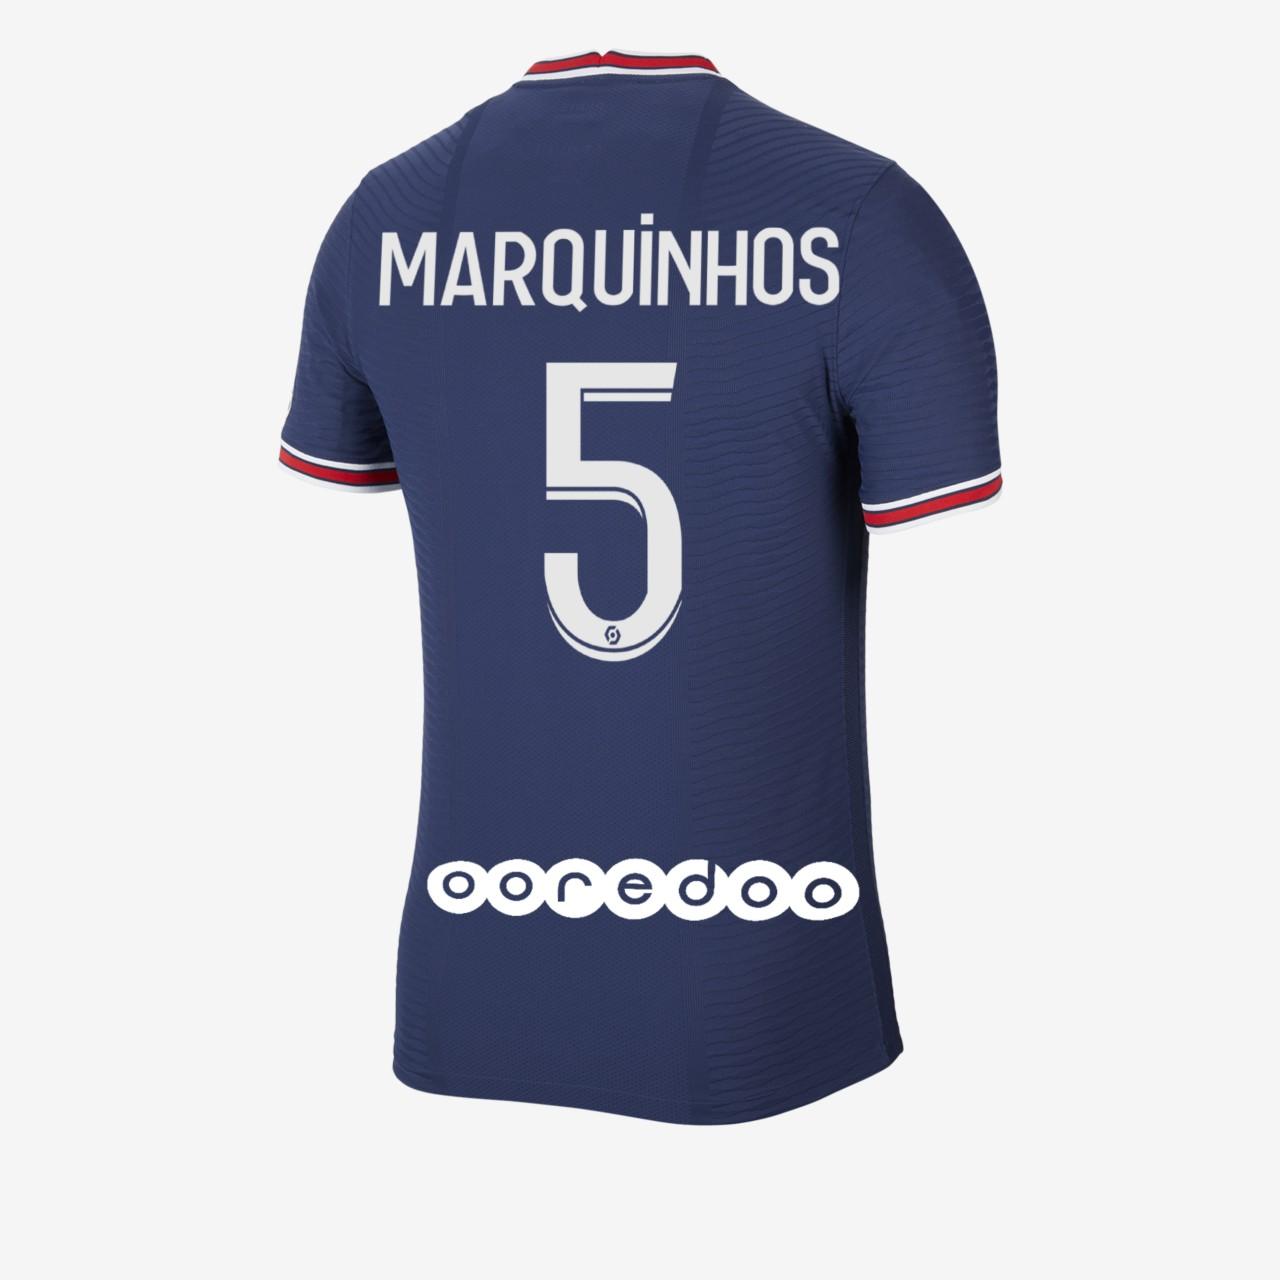 Maillot PSG flocage Marquinhos